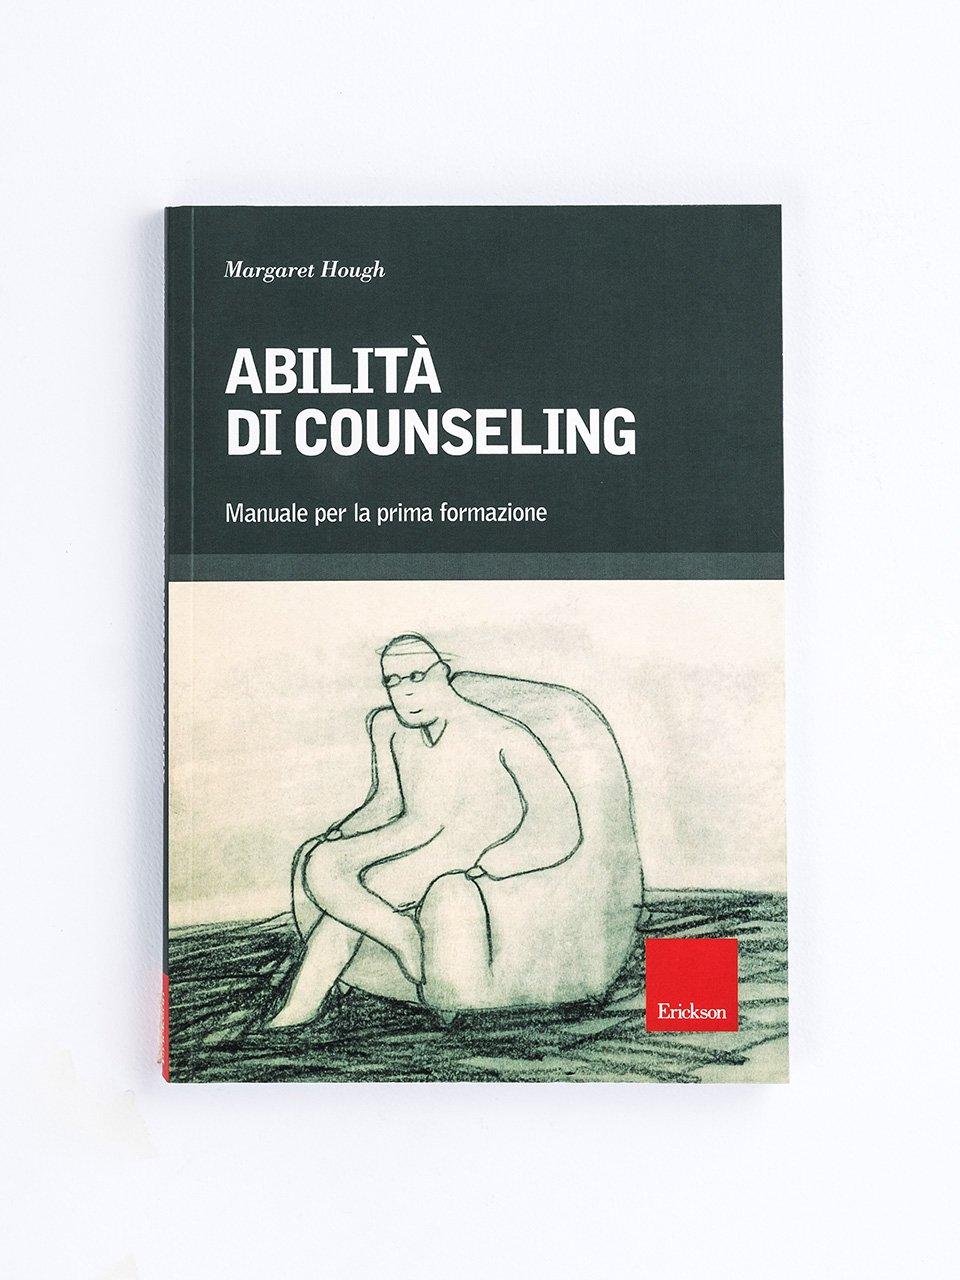 Abilità di counseling - Attivare e facilitare i gruppi di auto/mutuo aiuto - Libri - Erickson